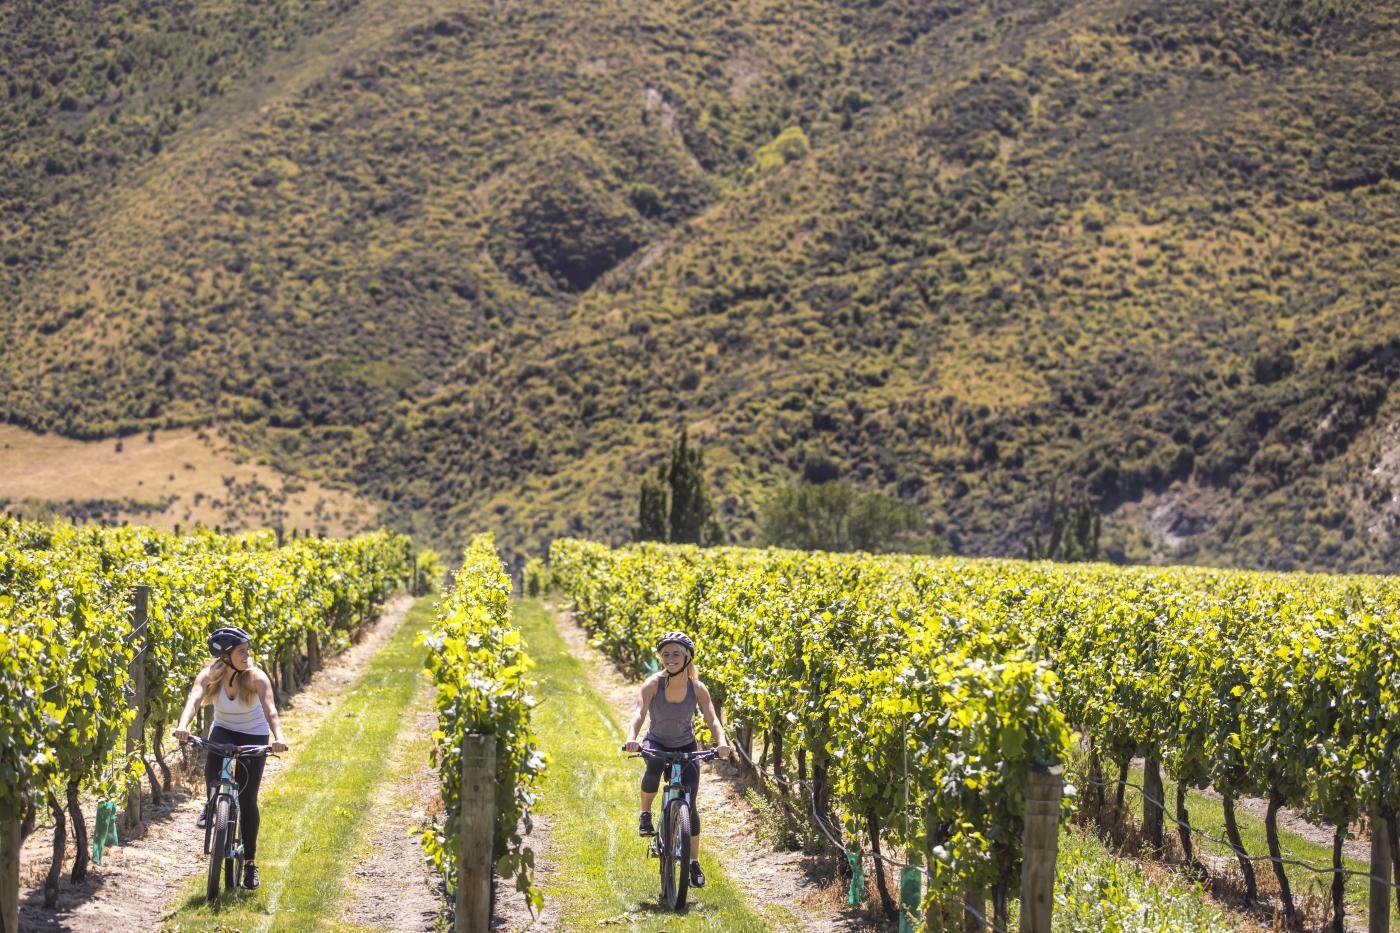 Friends biking through the vines in Gibbston